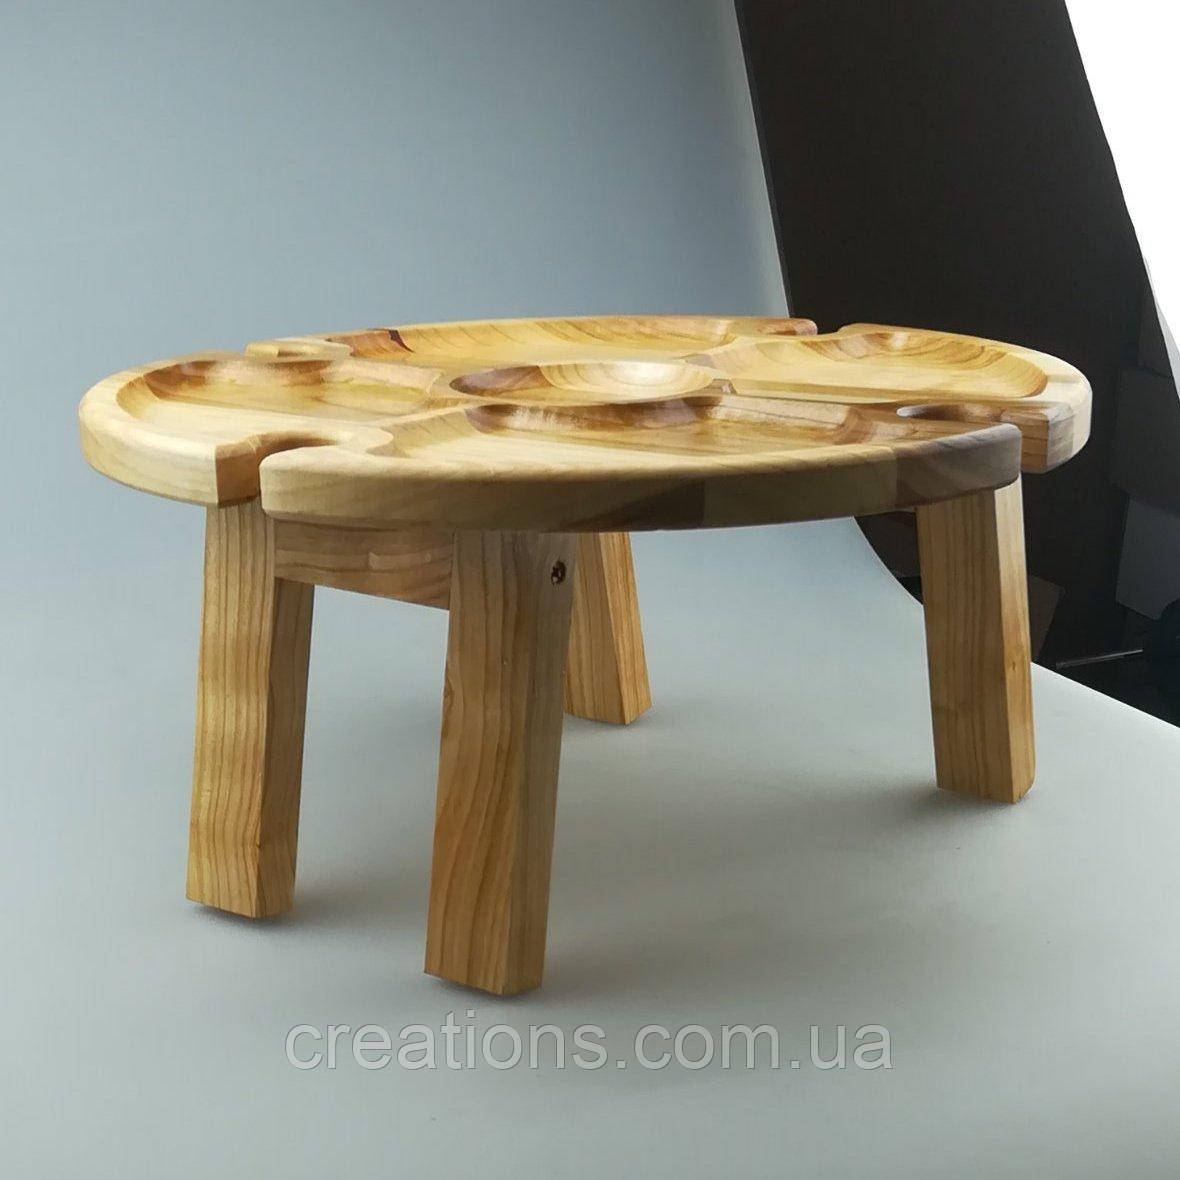 Винный столик - менажница на ножках из дерева черешни, ясеня 35х18 см. НМ-111